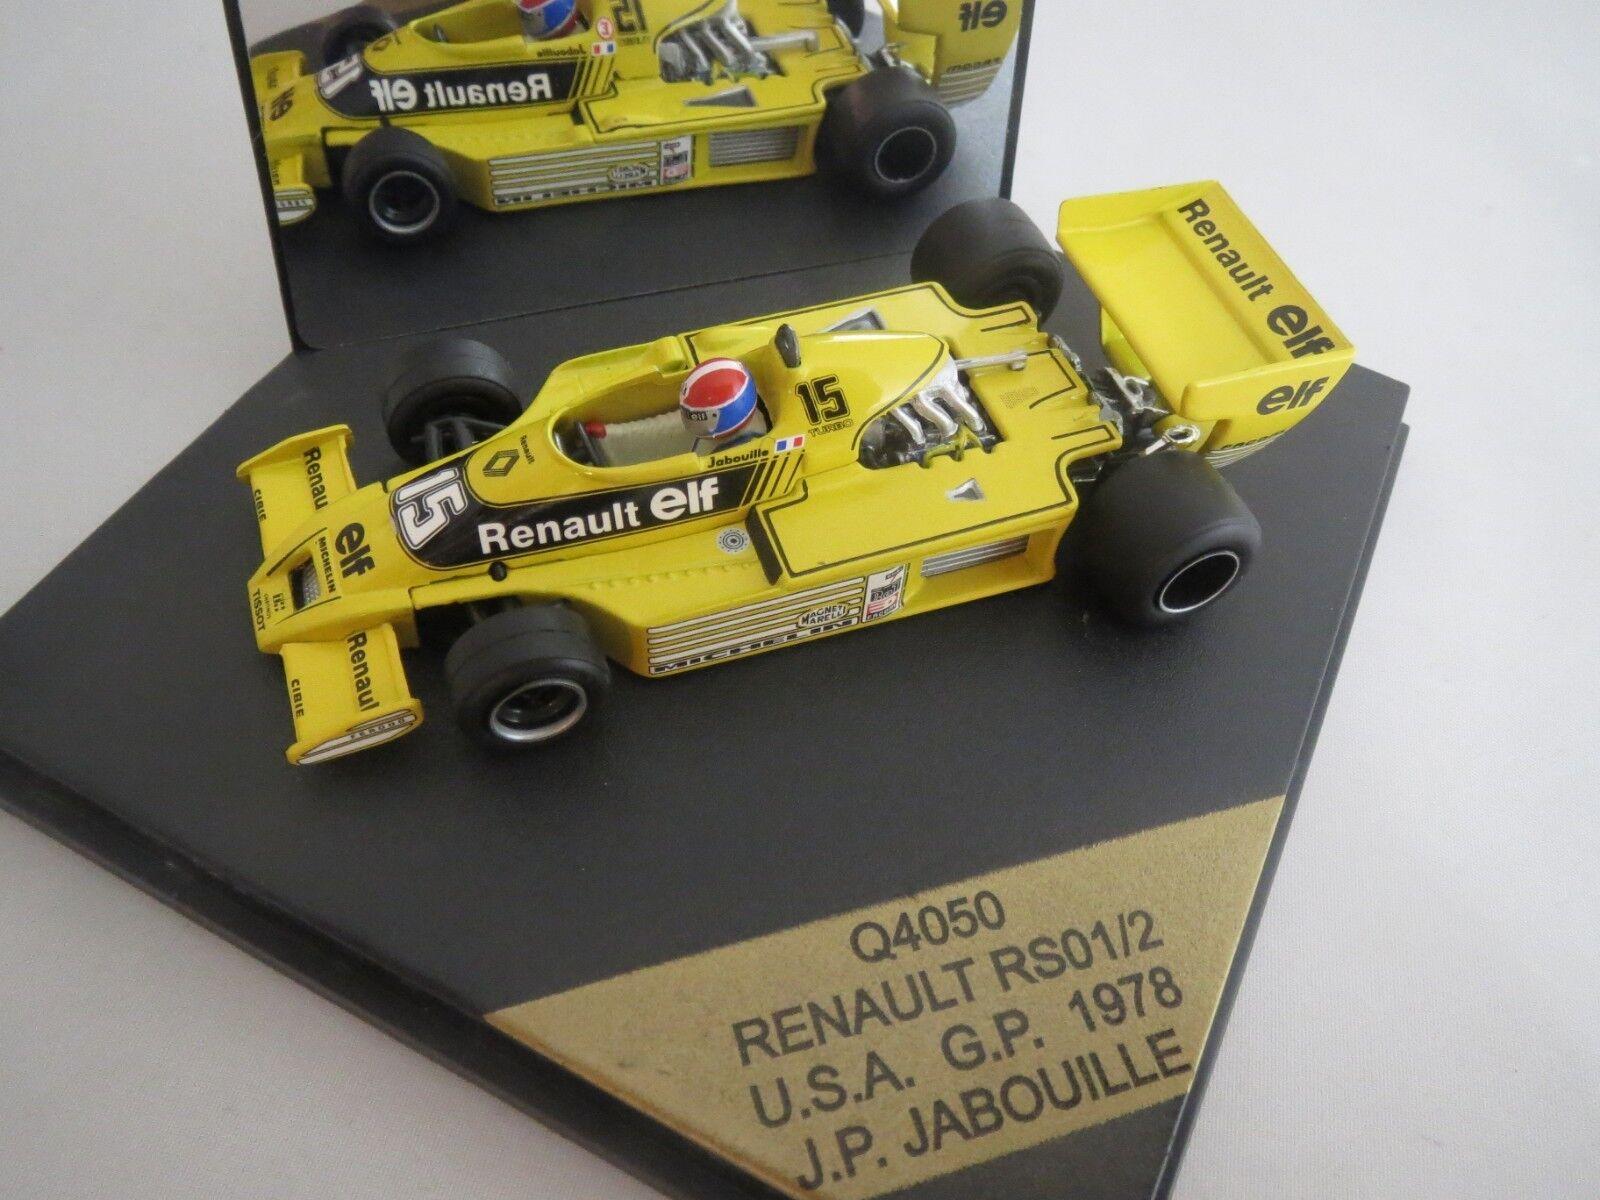 Quartzo Quartzo Quartzo Q4050  Renault  RS01 2  (J.P. Jabouille)  U.S.A GP   1978  1 43    5672ac